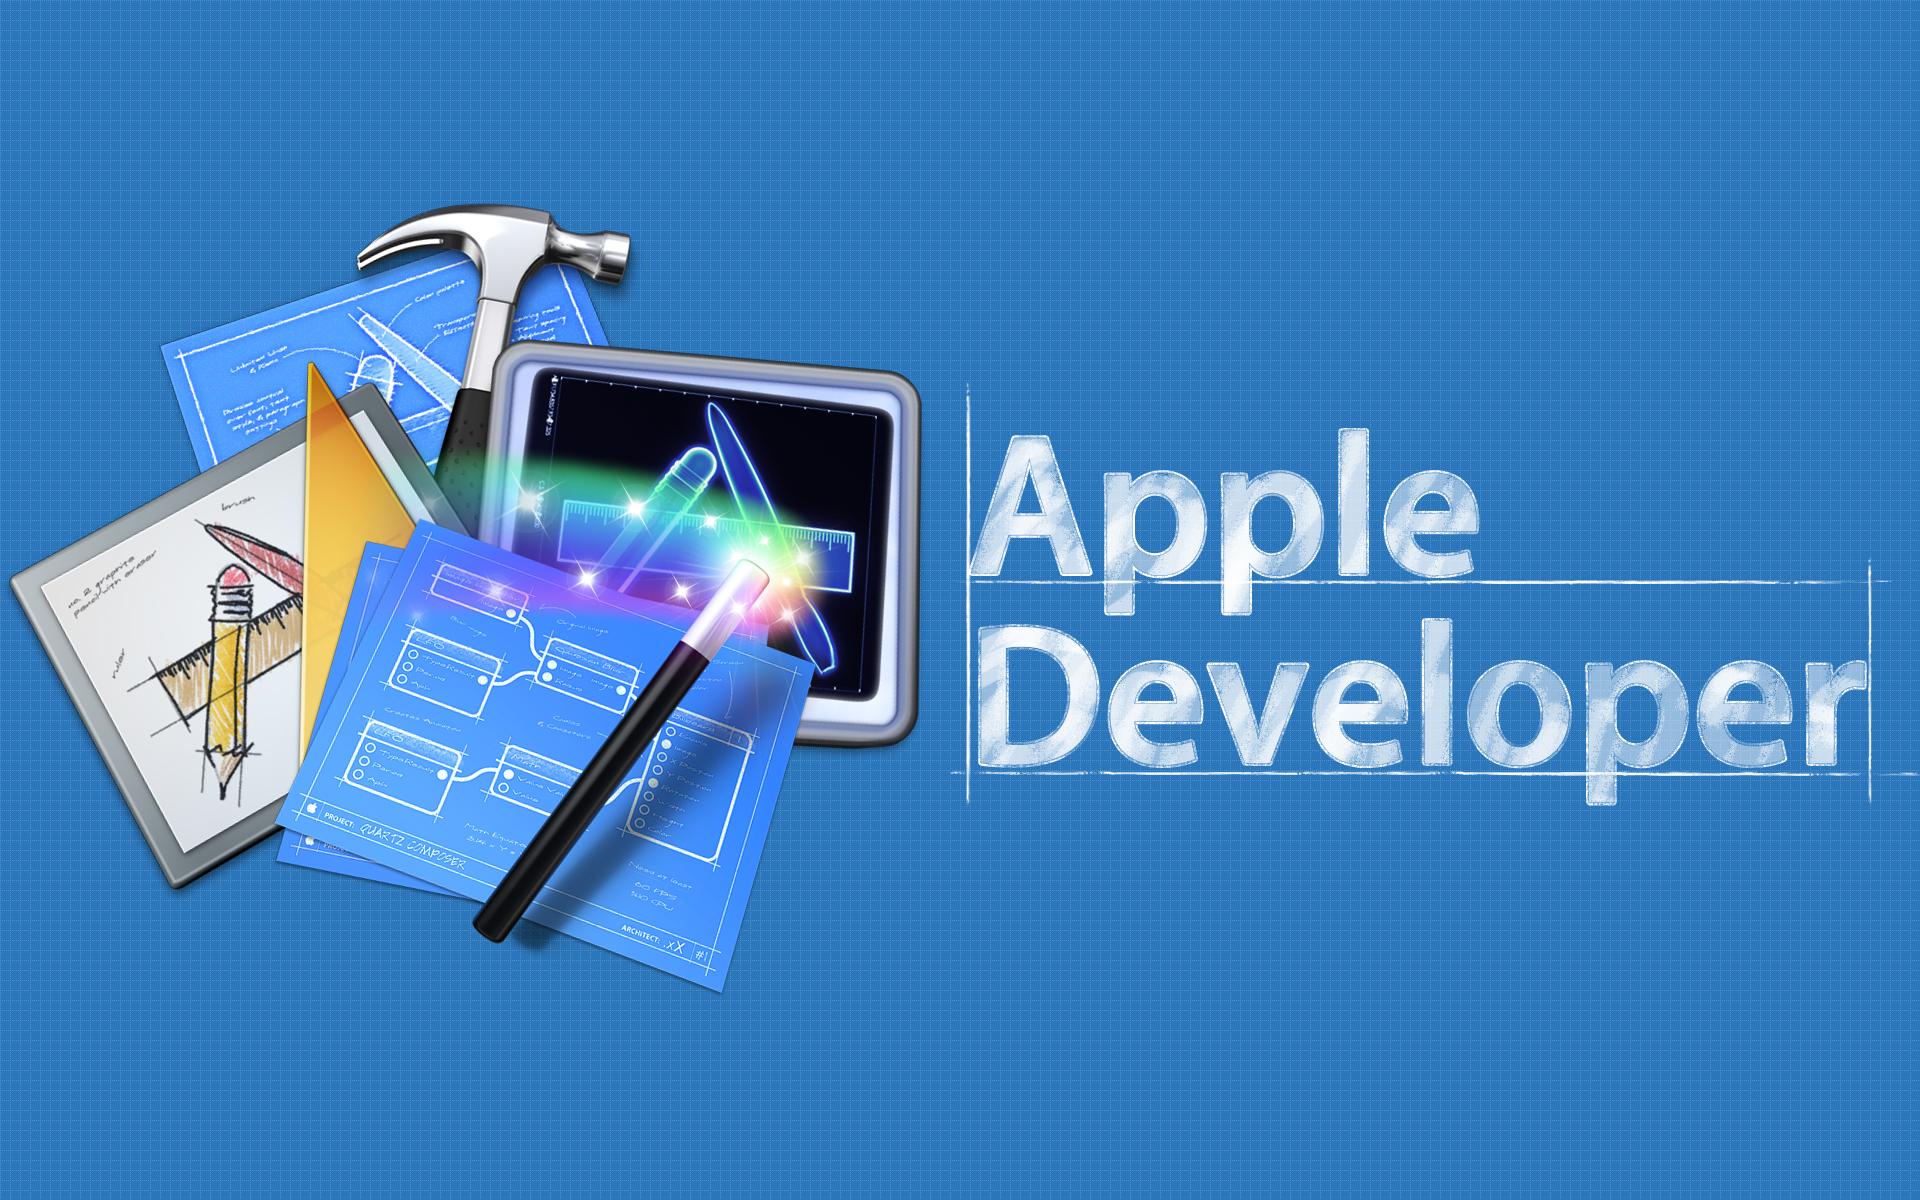 Bug sicurezza nel sito sviluppatori Apple